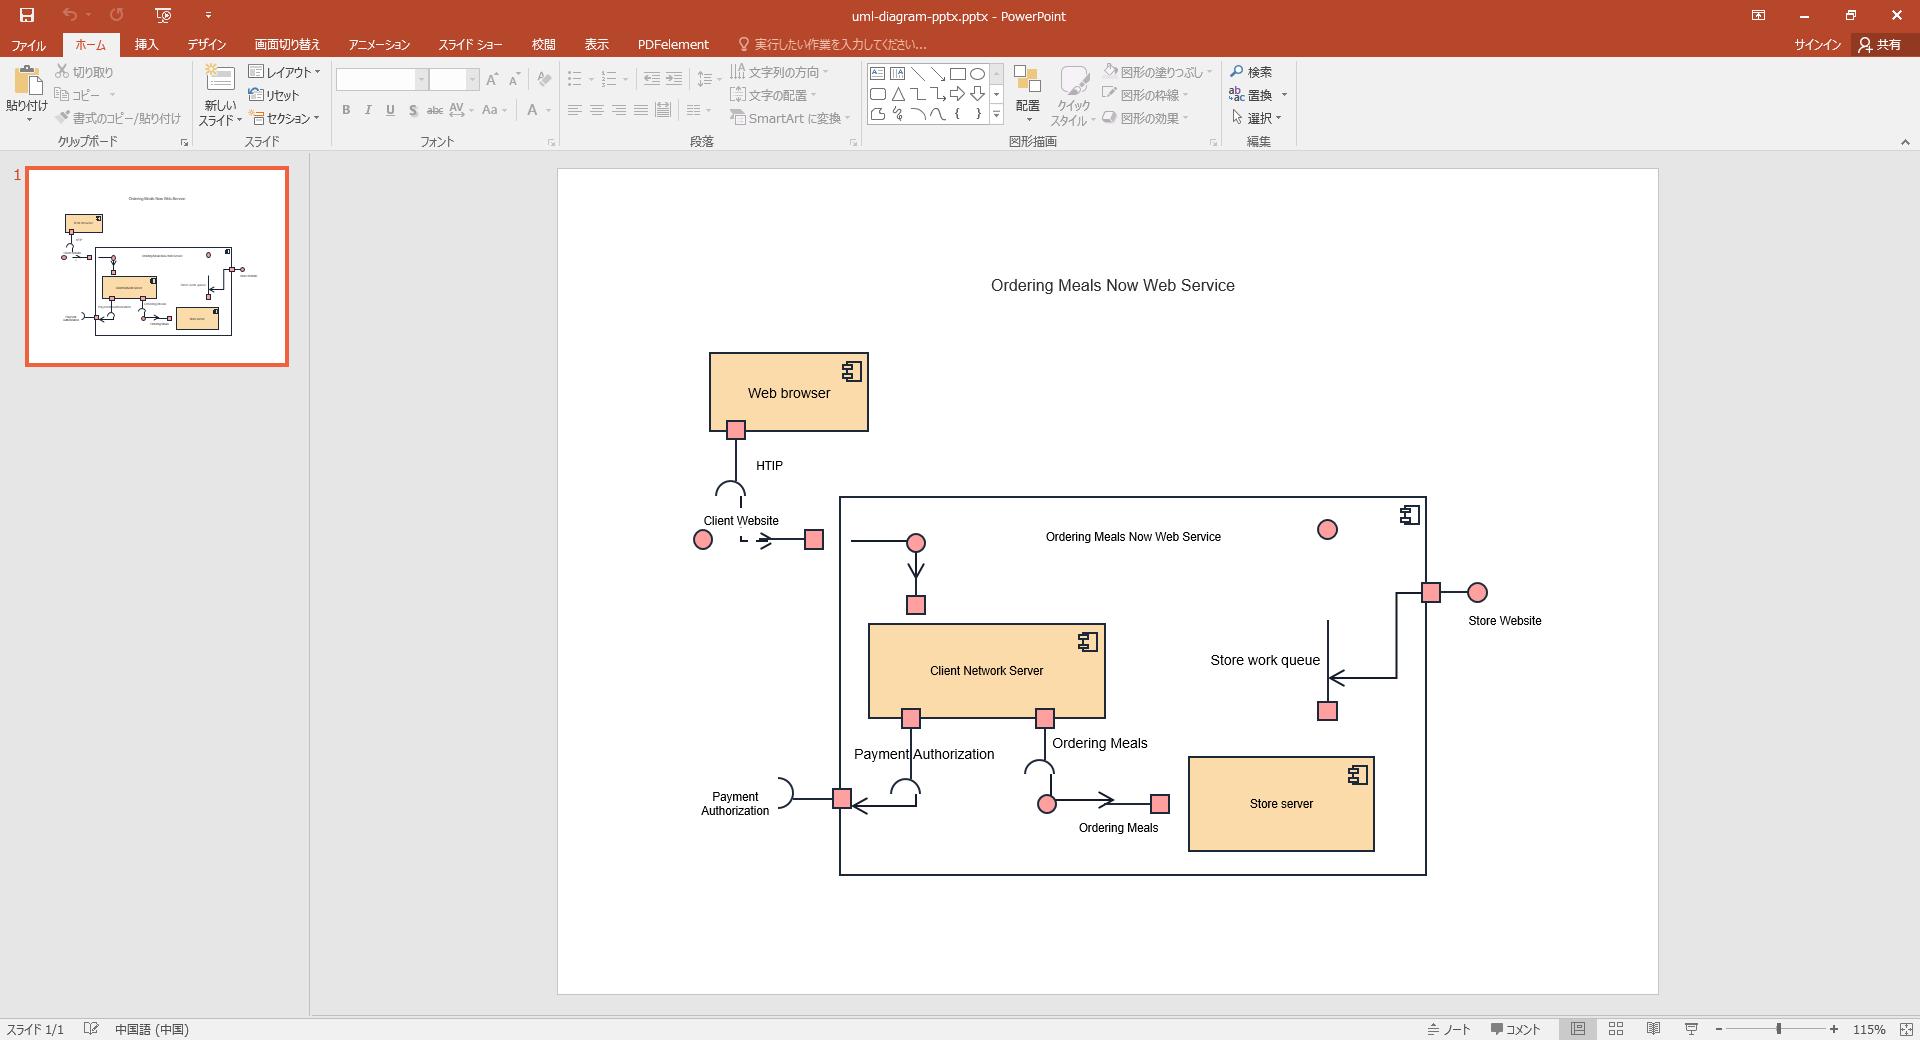 PowerPoint UML 図テンプレート